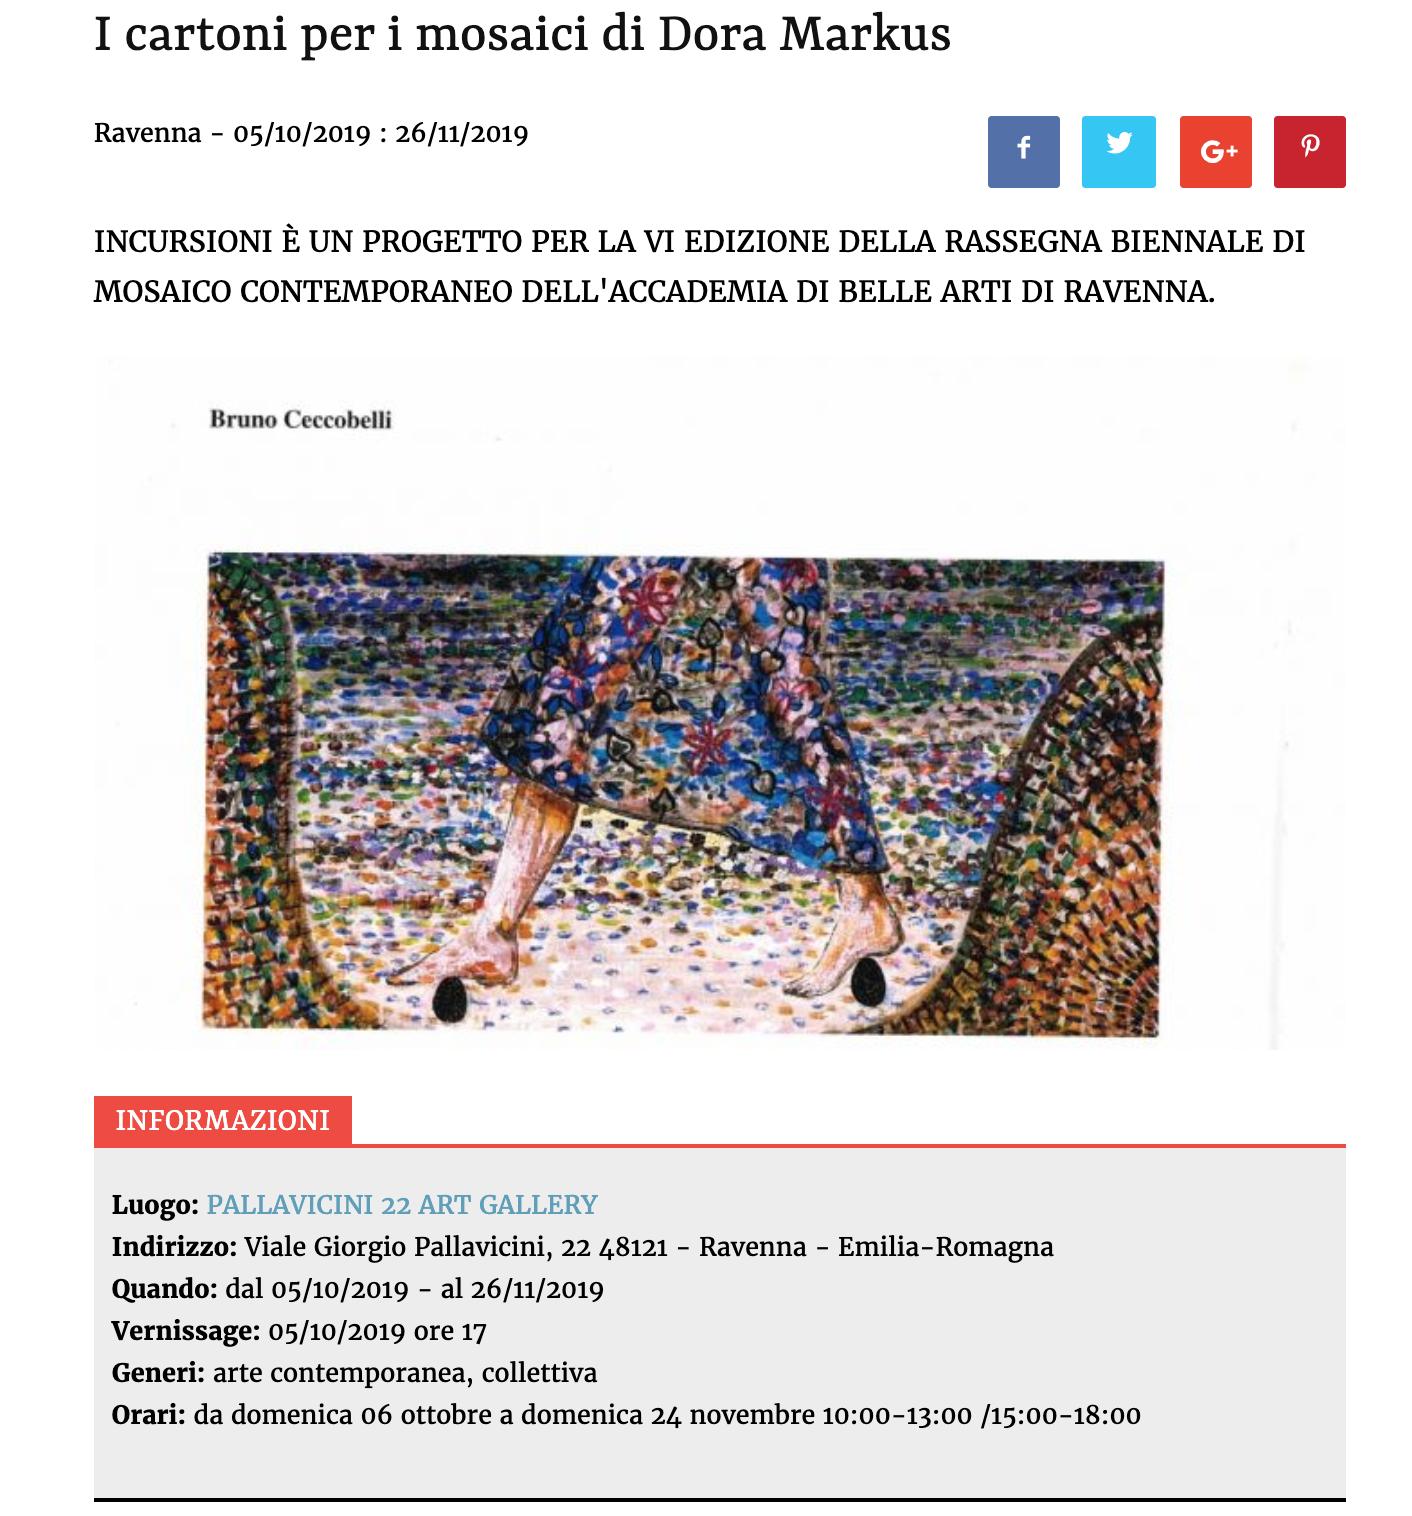 I cartoni per i mosaici di Dora Markus su Artribune | Pallavicini22 spazio espositivo Ravenna